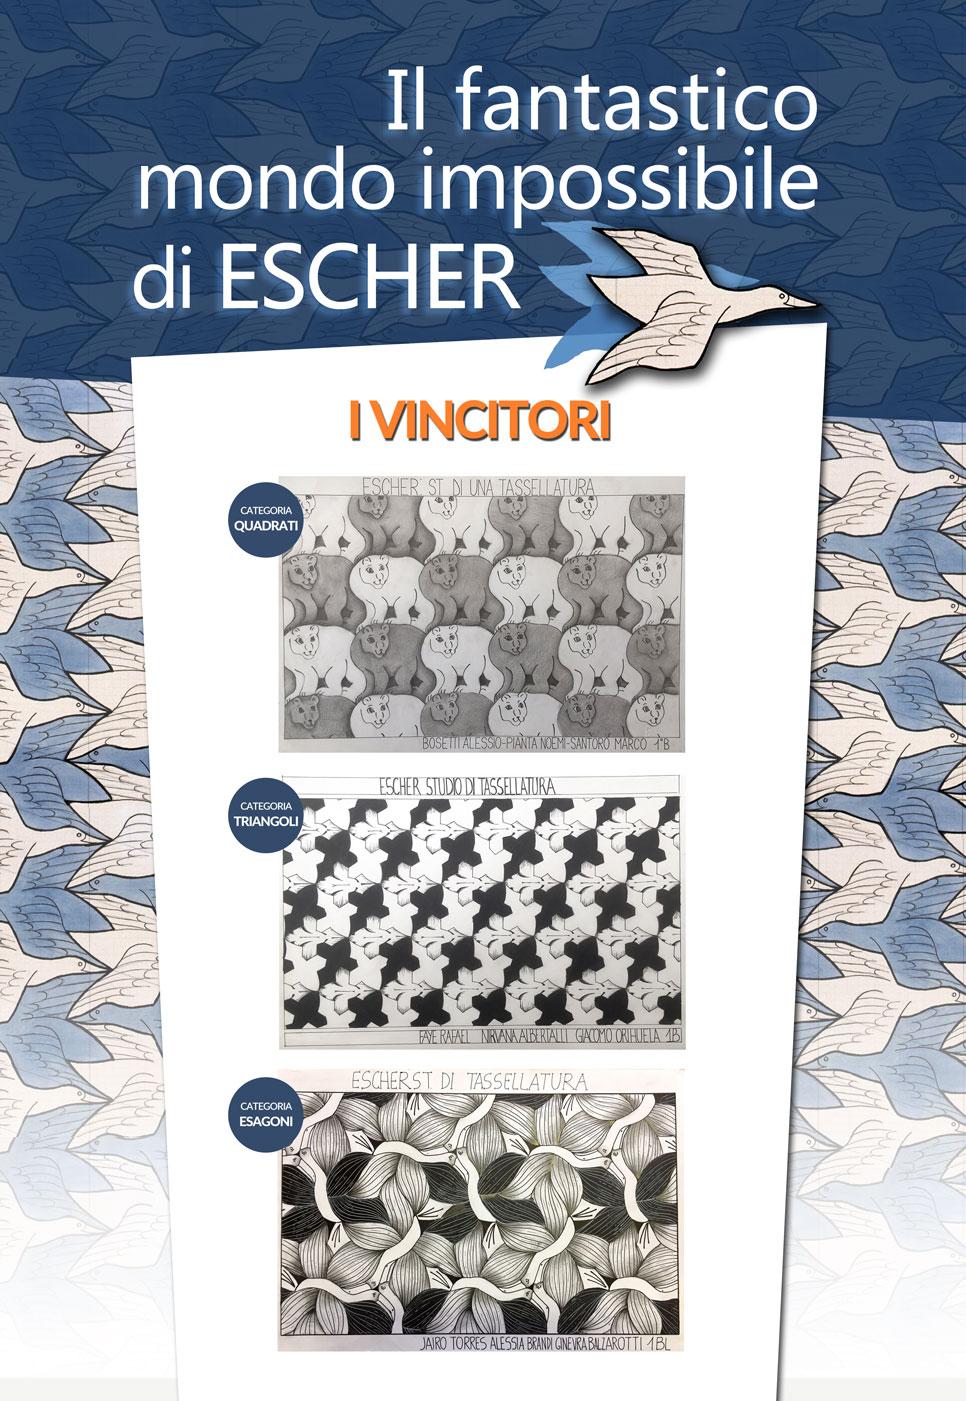 Vincitori Escher